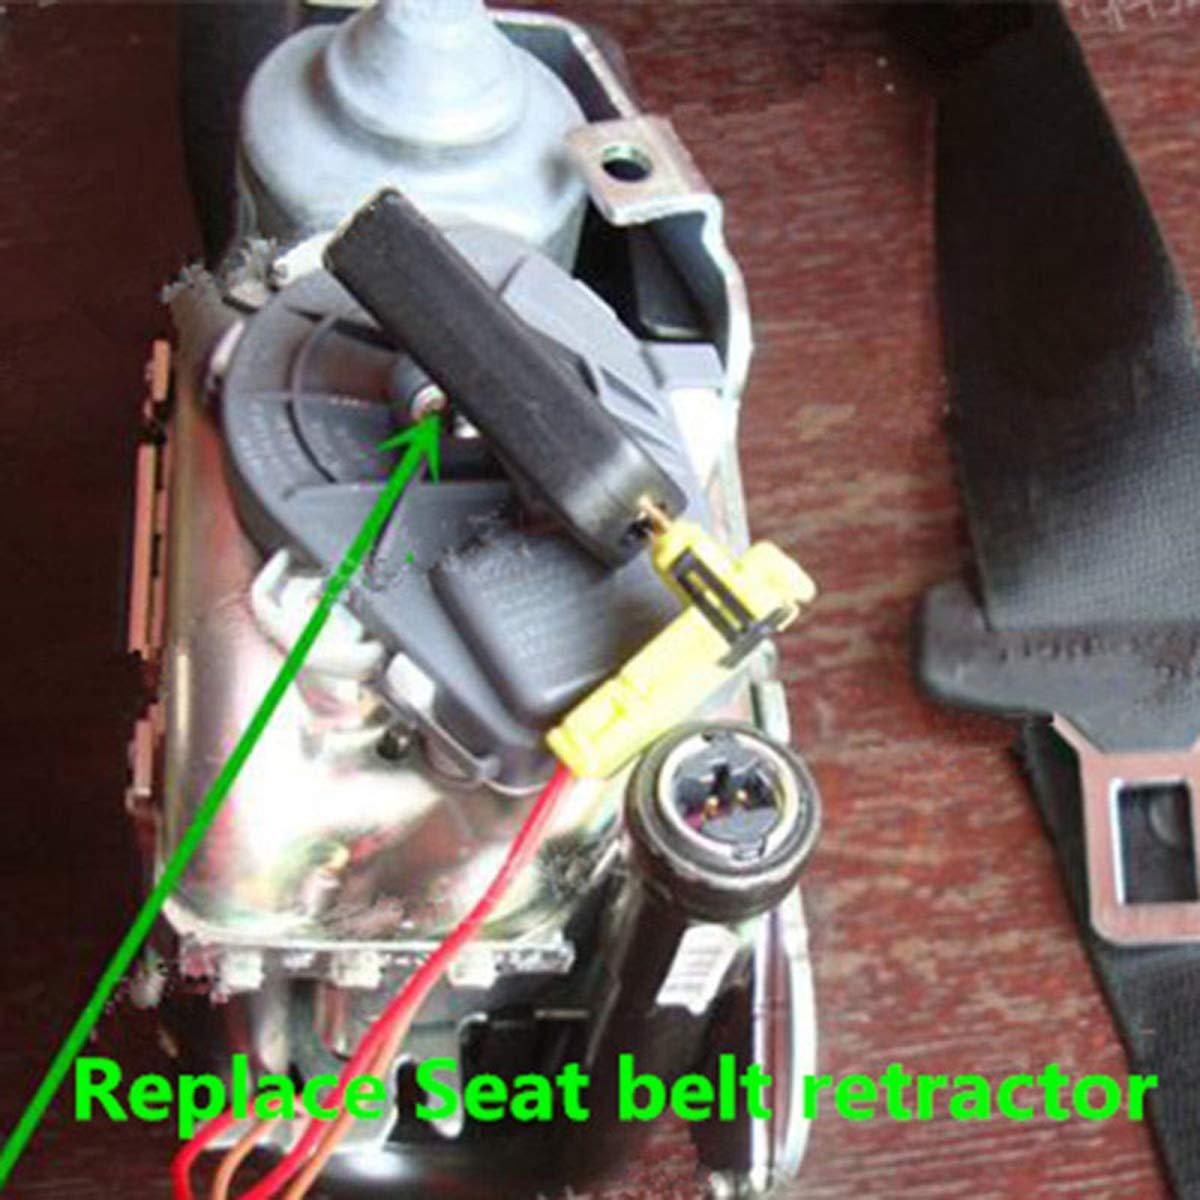 DERCLIVE Herramienta de Diagn/óstico de Emulador de Simulador de Airbag Universal para Reparaci/ón de Sistema Srs de Airbag de Coche Negro